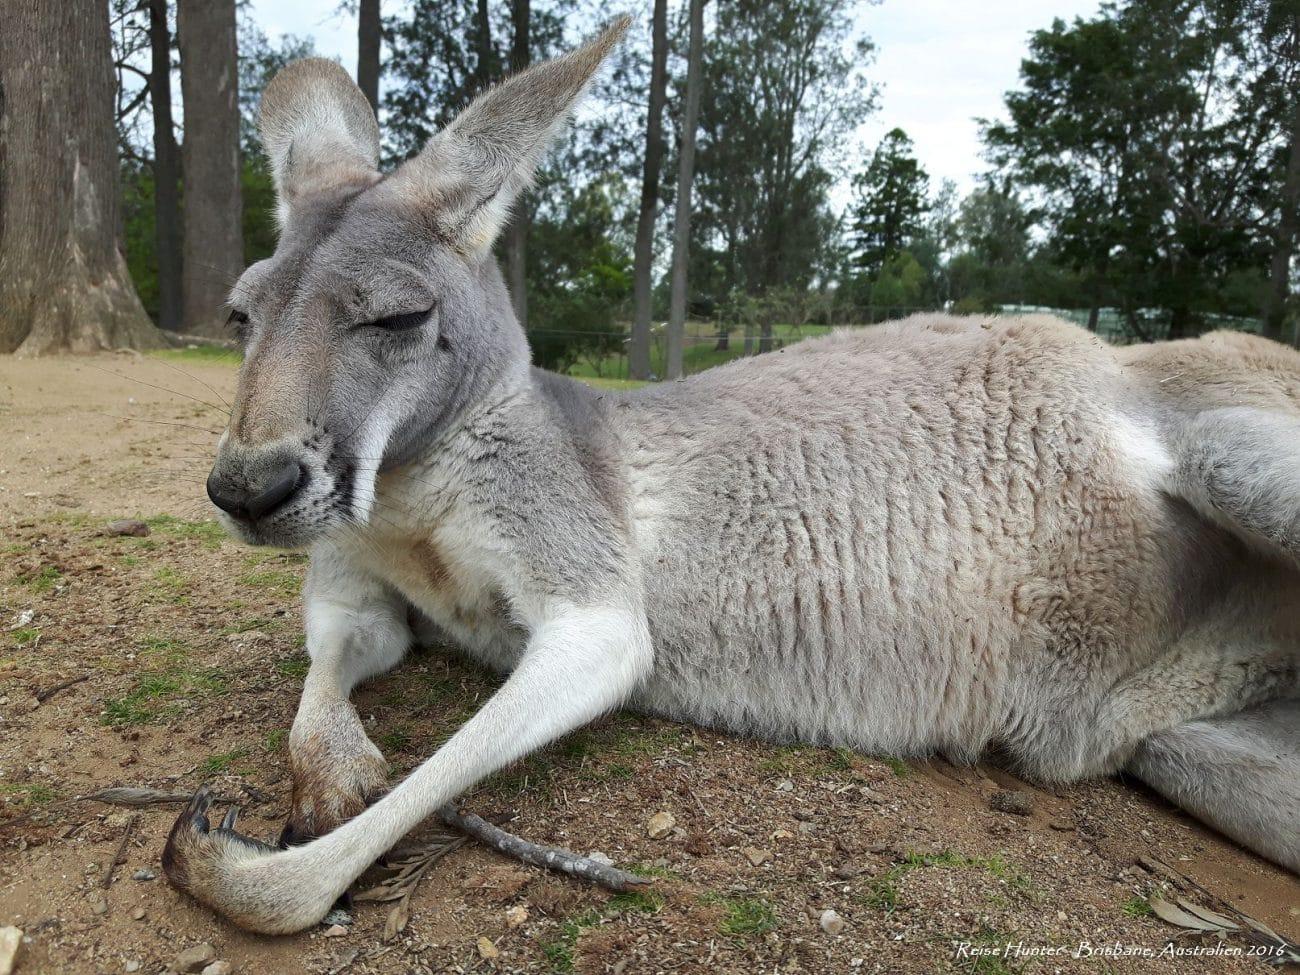 Sabbatical: Reise Hunter Australien 2016 erschienen auf PASSENGER X